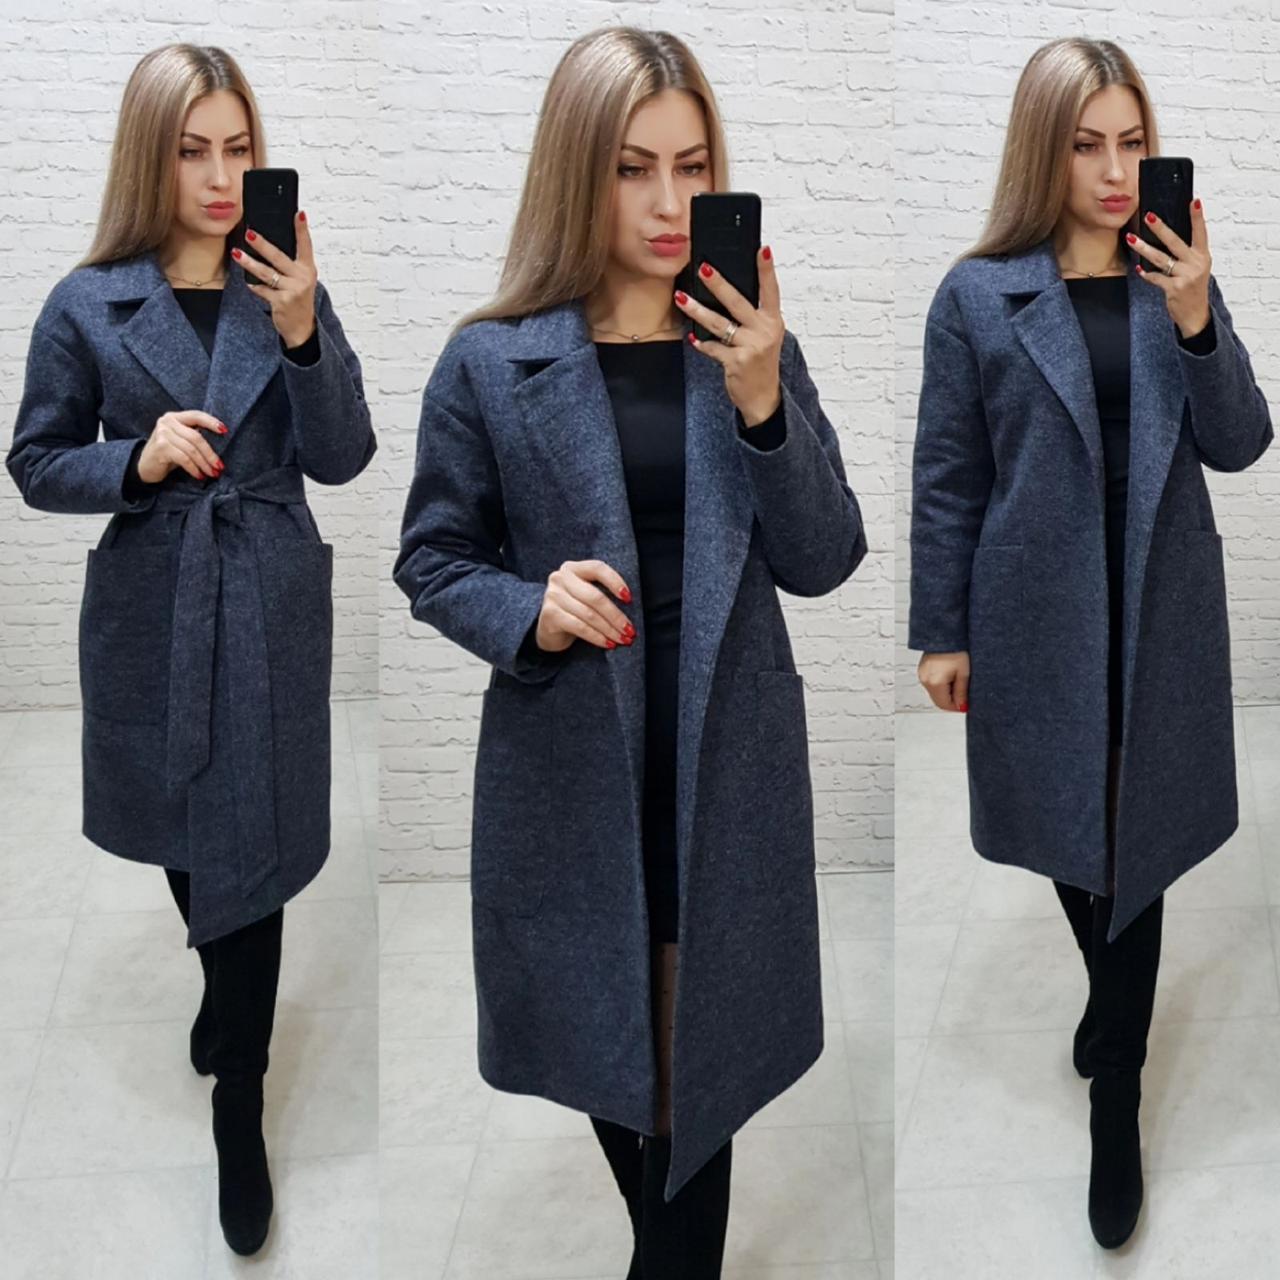 Утеплённое кашемировое пальто на запах с карманами,арт 175, цвет тёмно синий (3)